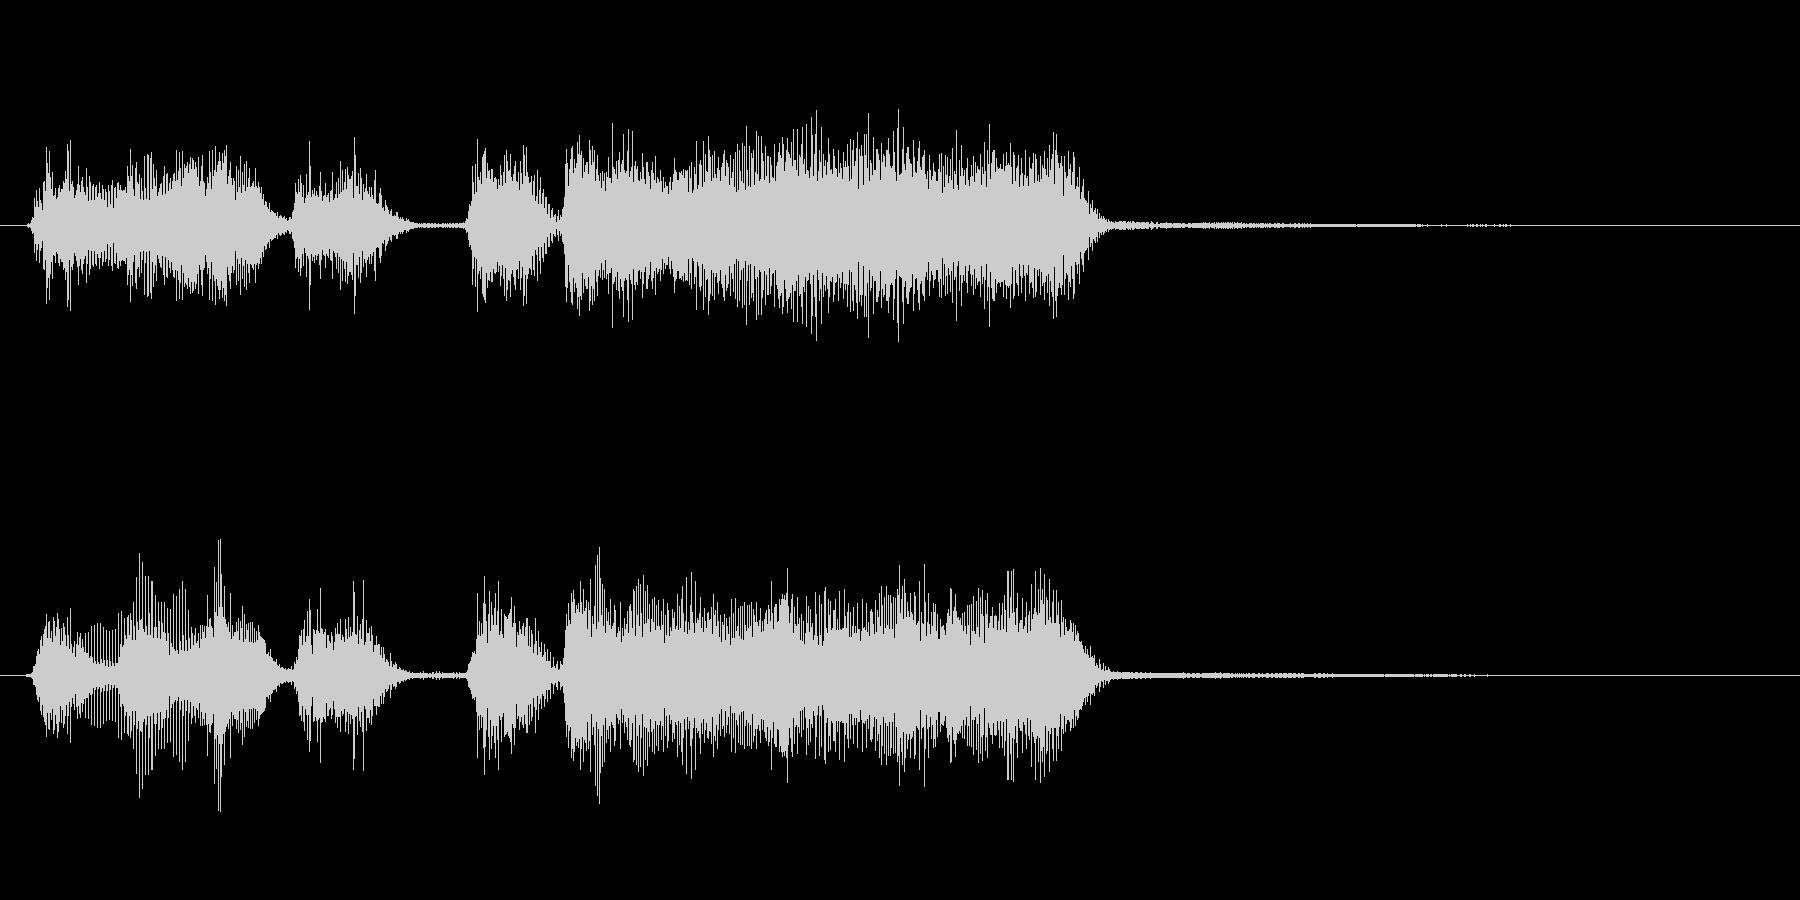 玩具系ファンファーレ-12の未再生の波形